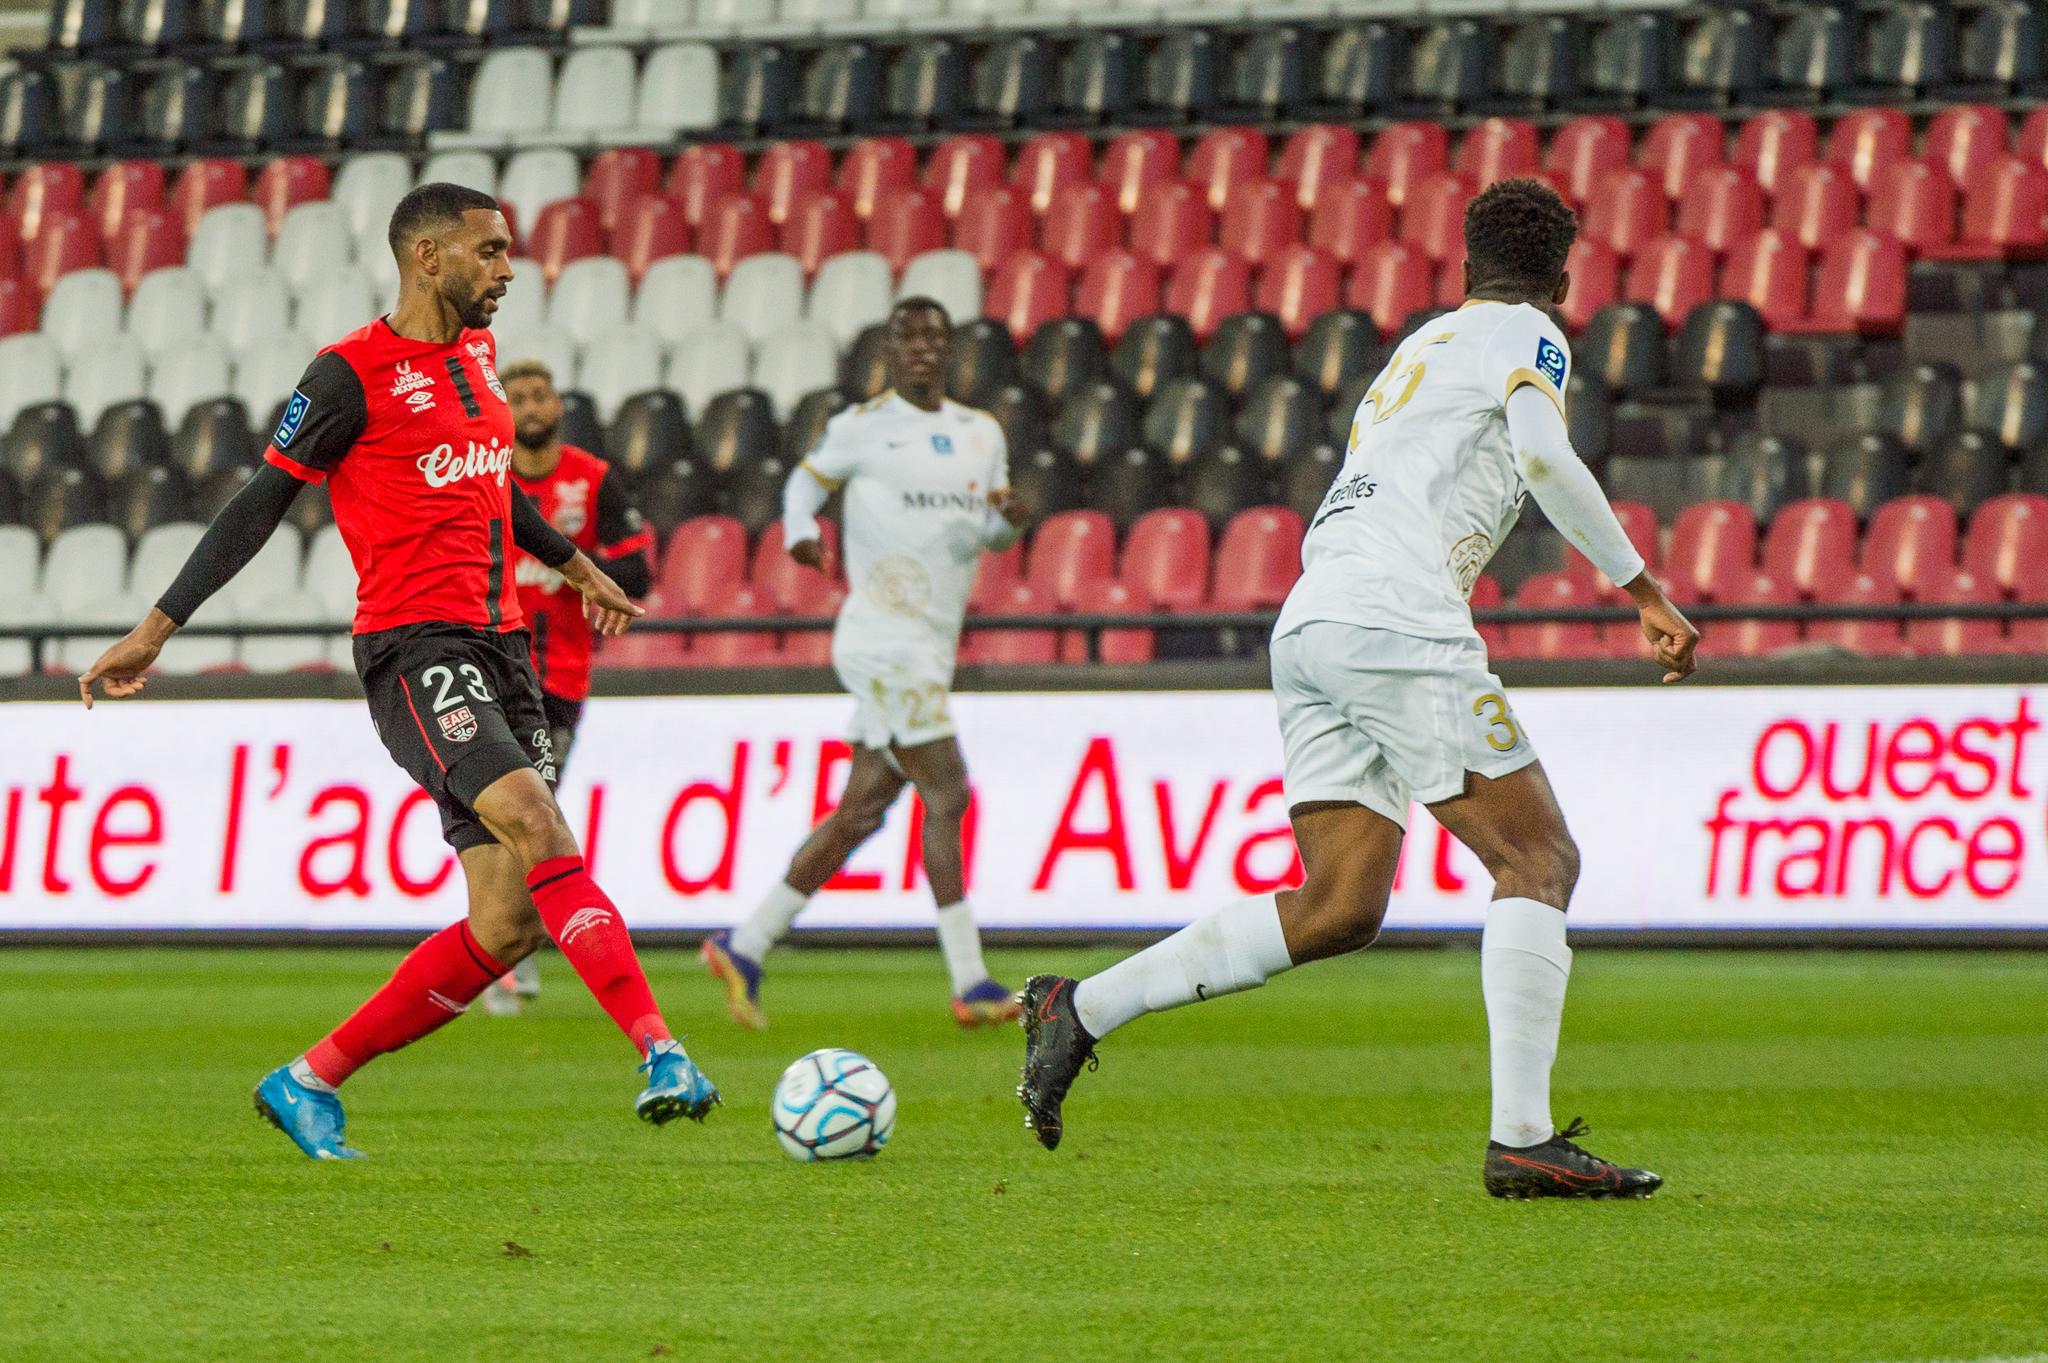 EA Guingamp La Berrichonne Châteauroux J37 Ligue 2 BKT EAGLBC 2-0 Stade de Roudourou FRA_5839